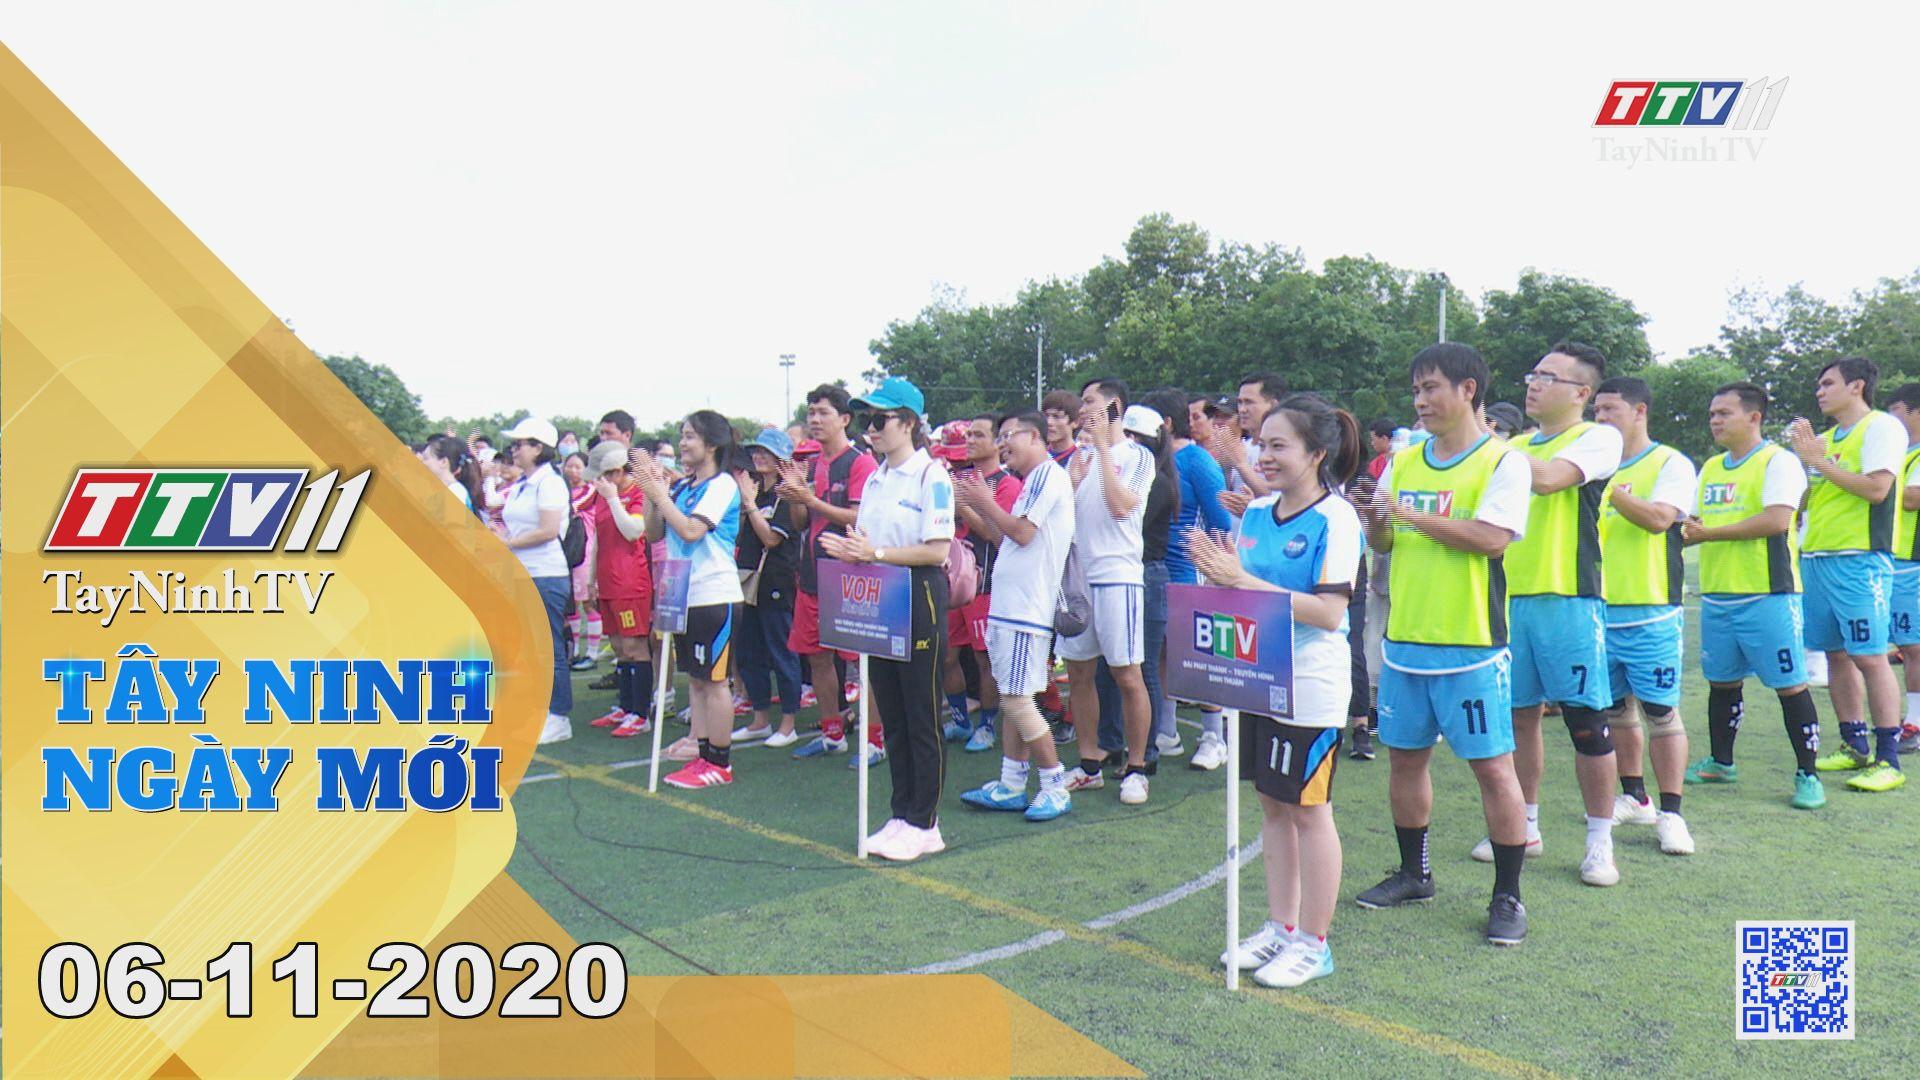 Tây Ninh Ngày Mới 06-11-2020 | Tin tức hôm nay | TayNinhTV